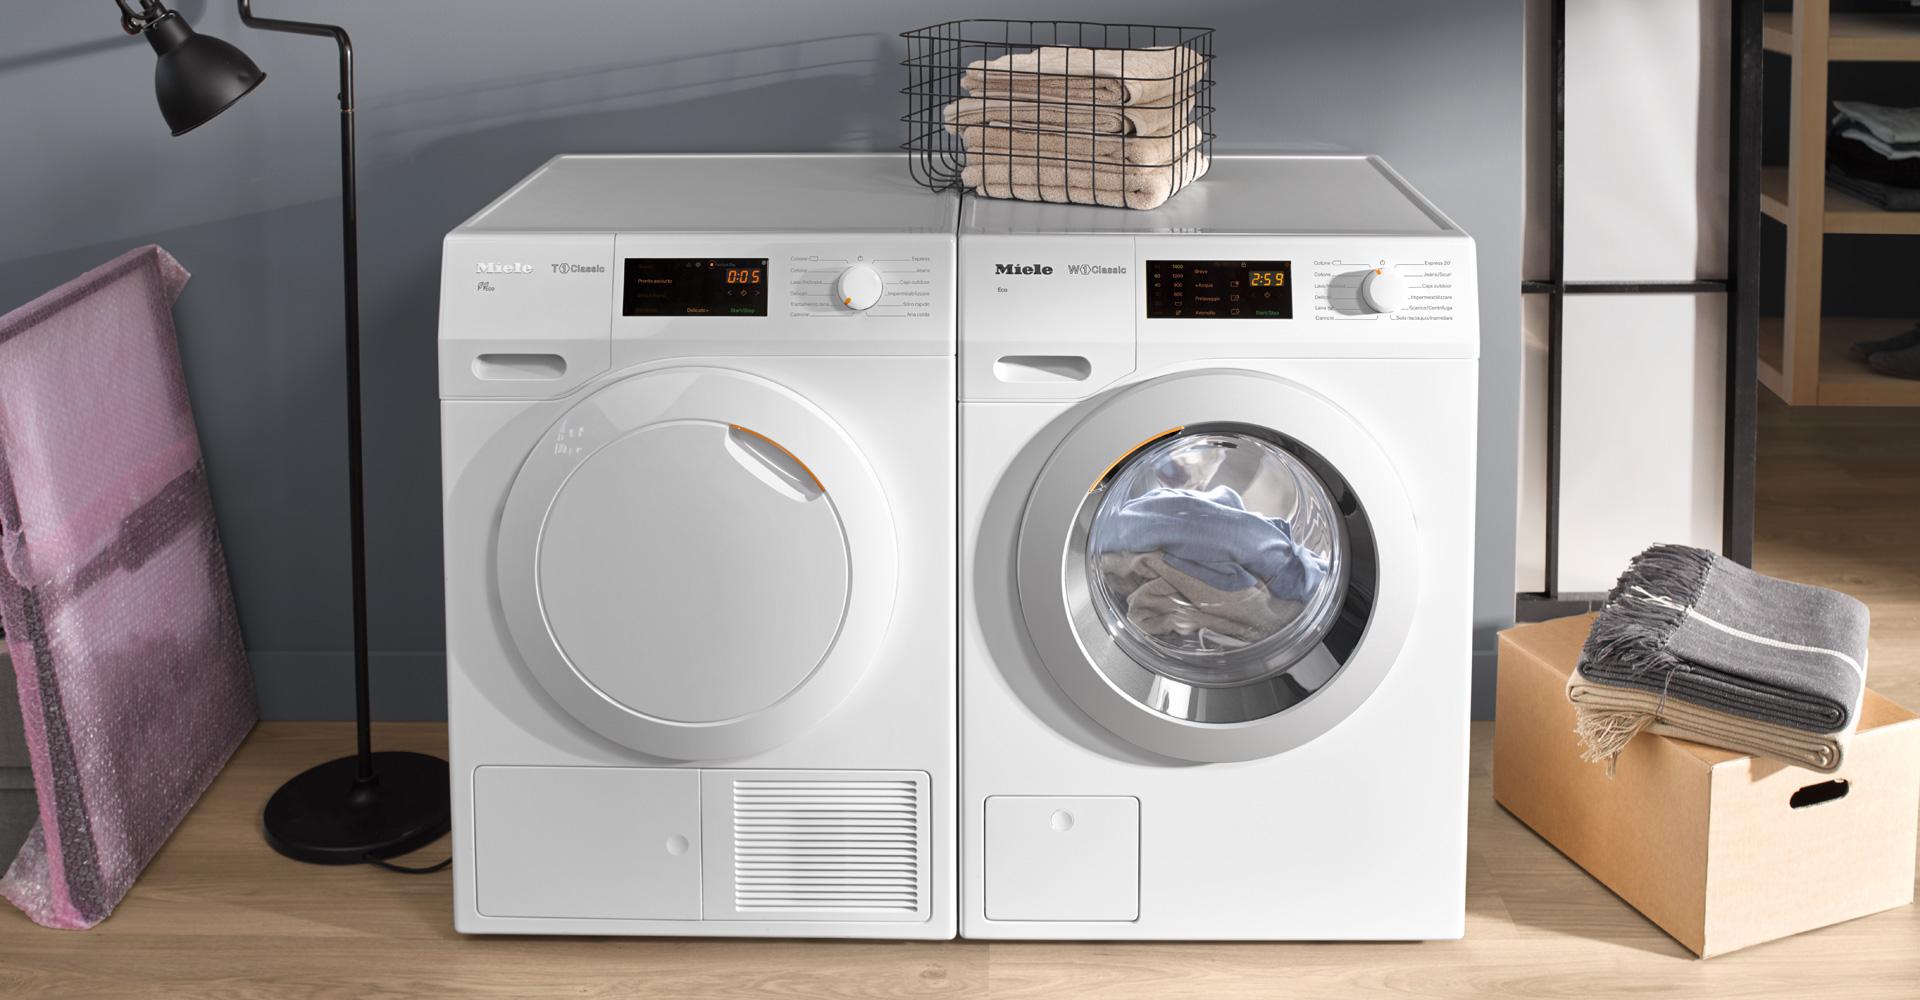 Le Migliori Lavatrici Miele Modelli Classifica Giuda All Acquisto Recensioni E Prezzo Prezzifacili It